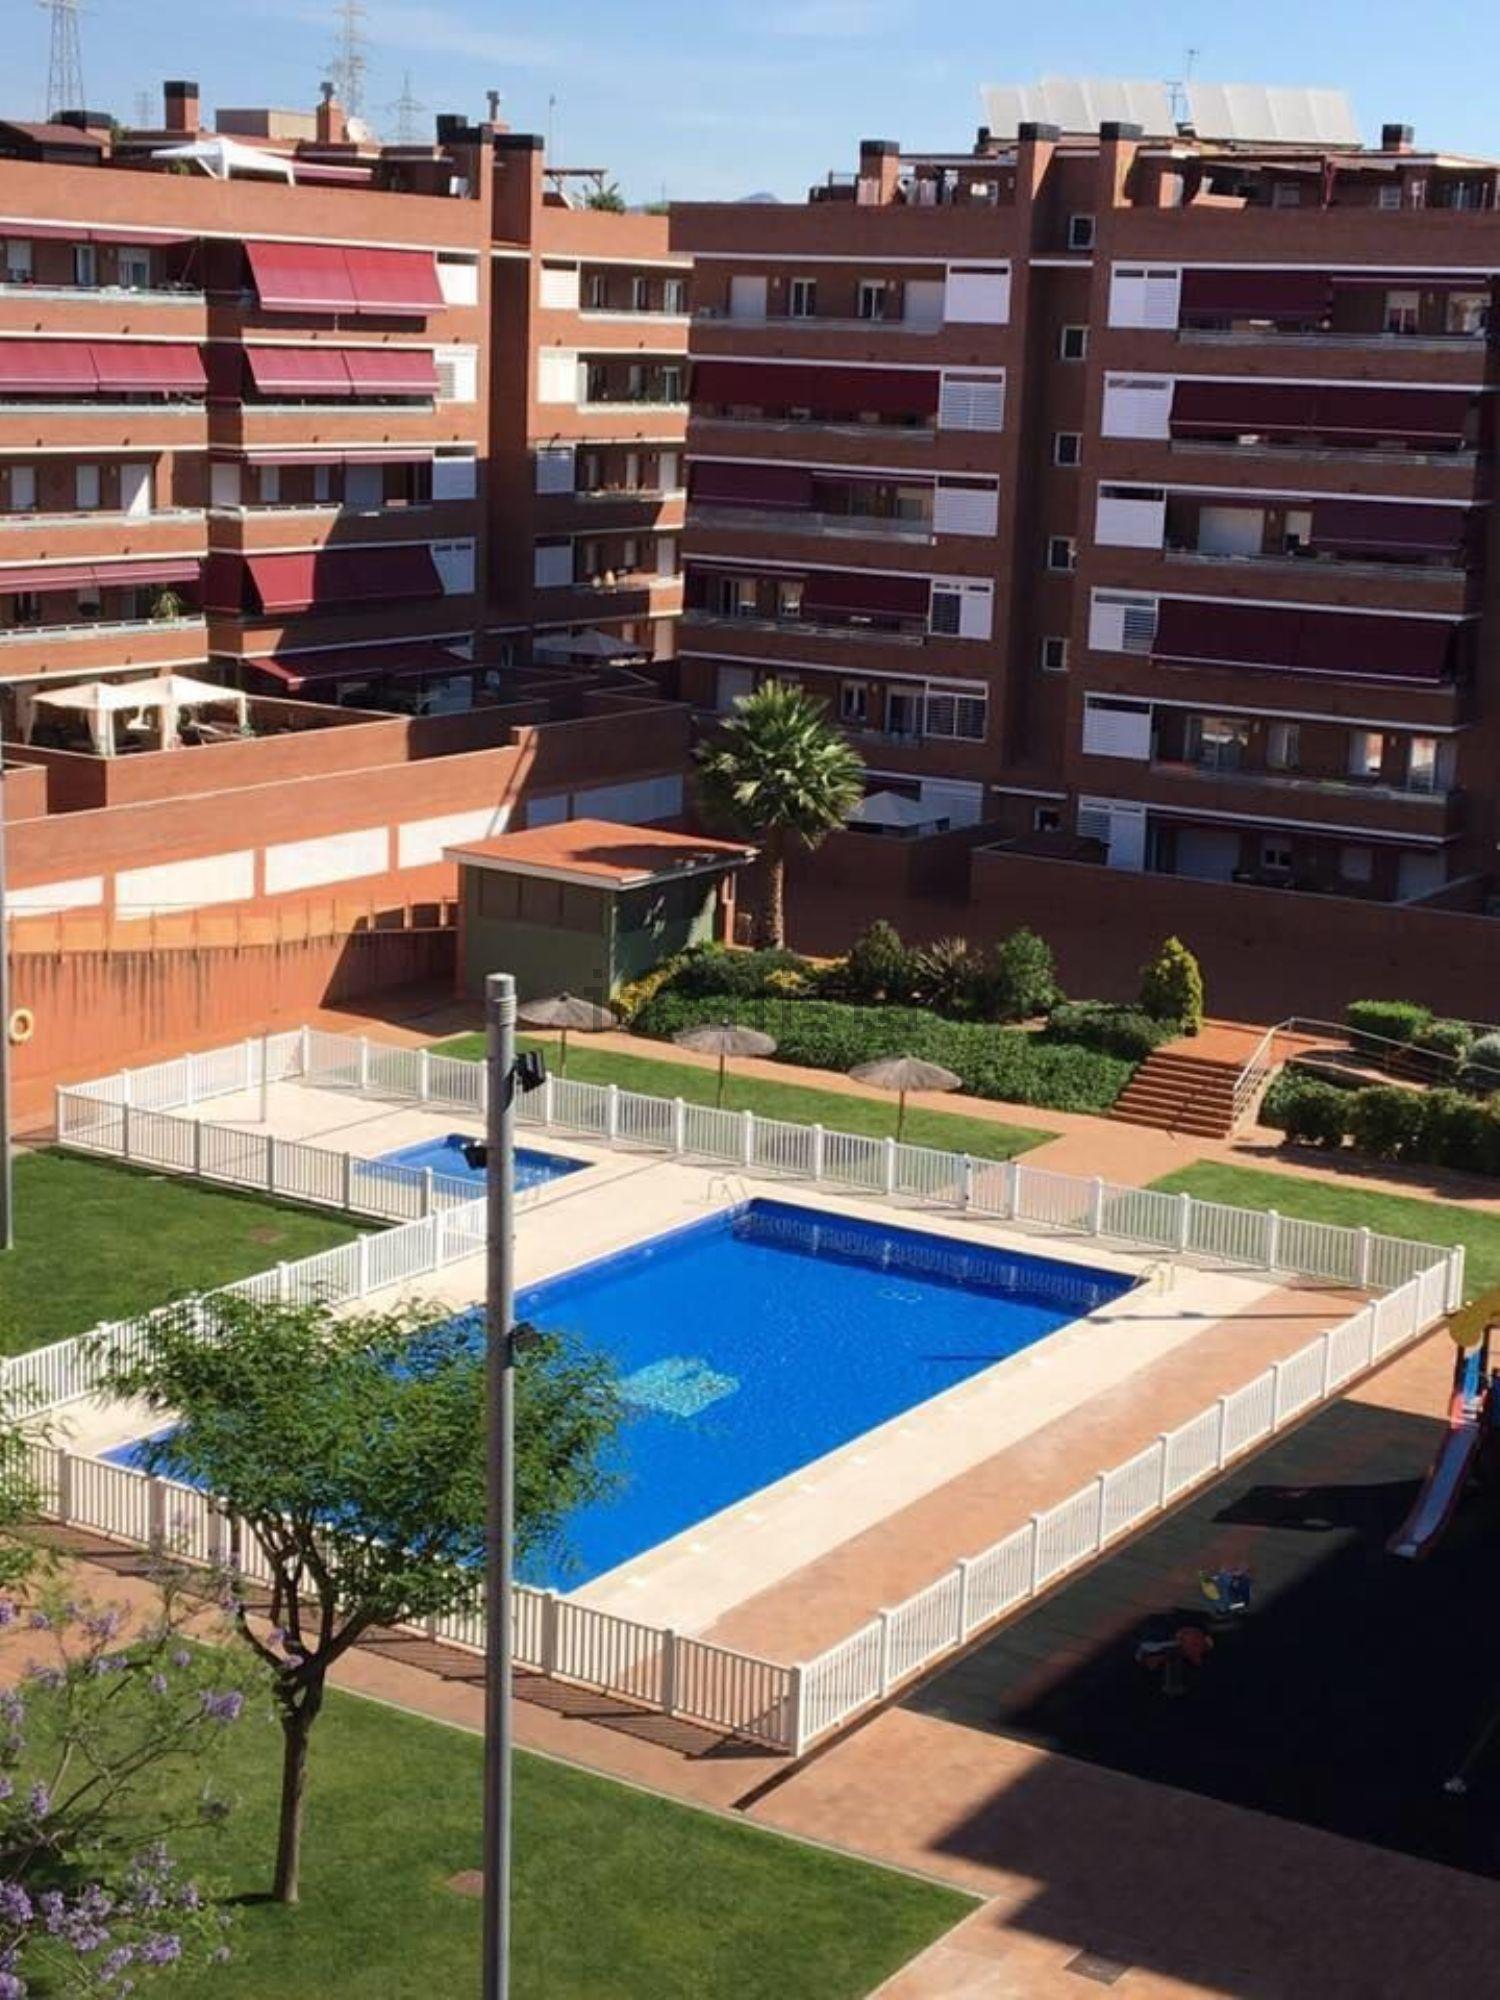 Alquiler pisos viladecans particular piso en venta with alquiler pisos viladecans particular - Piso alquiler viladecans particular ...